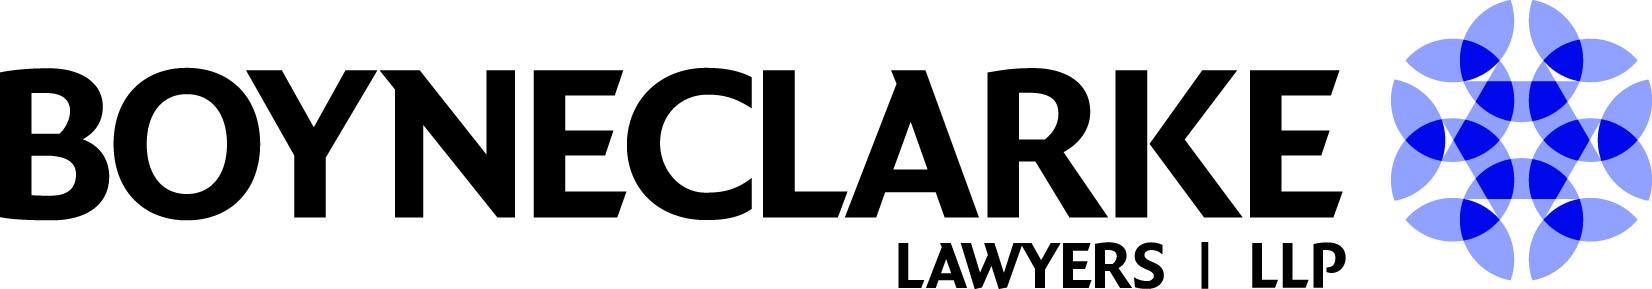 BOYNECLARKE LLP Logo